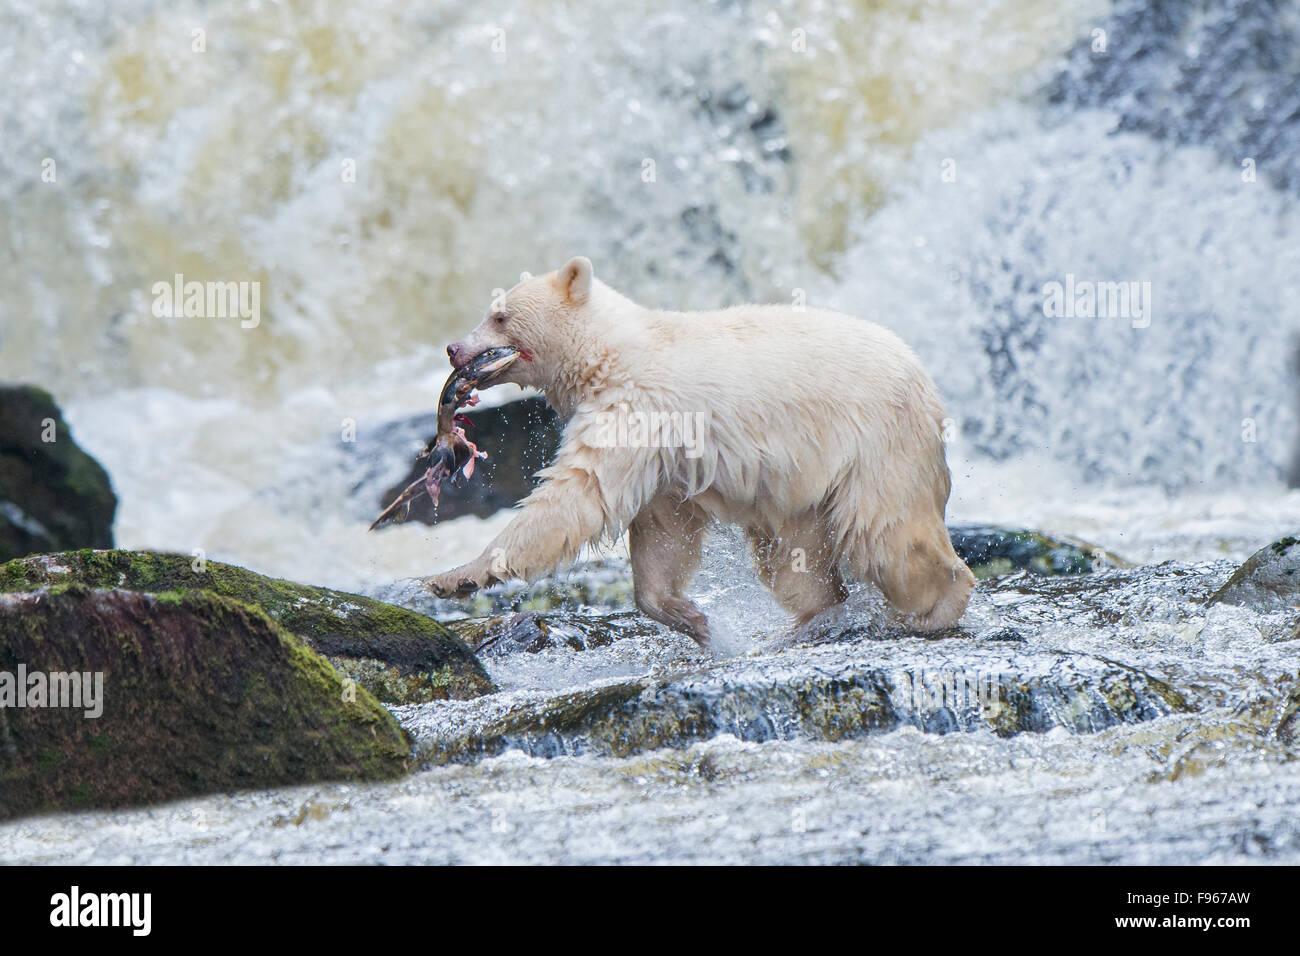 Espíritu oso (Ursus americanus kermodei) pesca de salmón rosado (Oncoryhnchus gorbuscha) en una secuencia Imagen De Stock